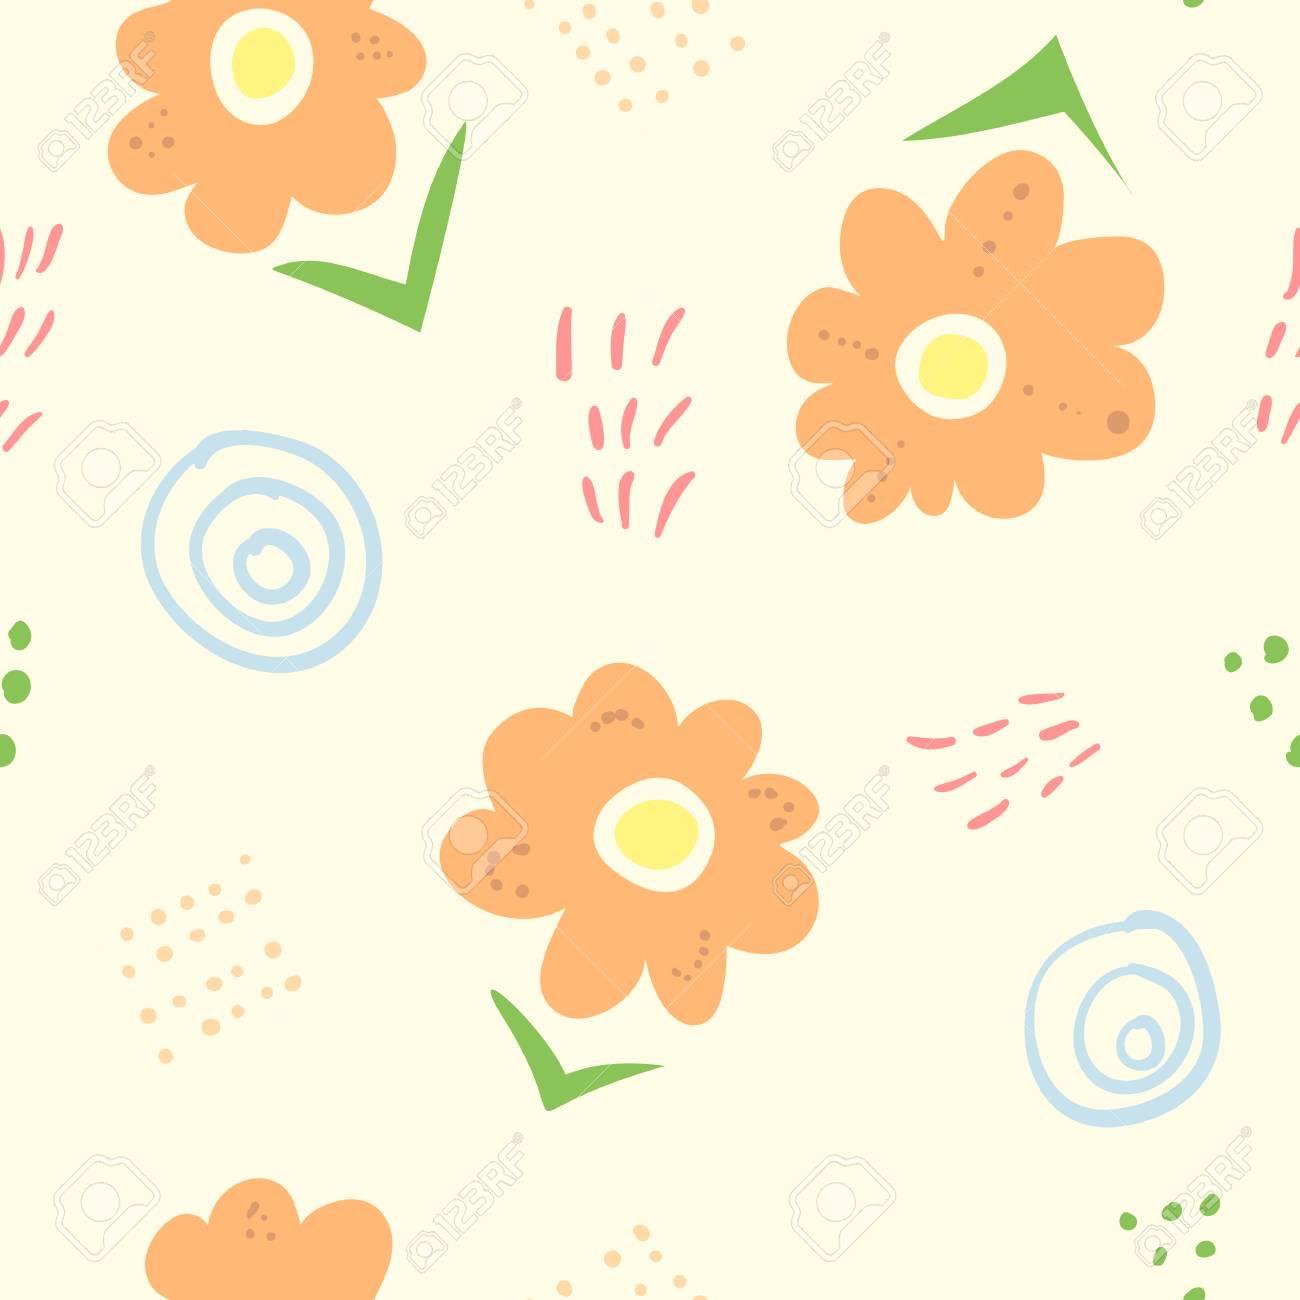 かわいいシンプルな子供たちは花のシームレスなパターンを落書き 子供の織物 包装紙 バナー カバー 表面 壁紙 背景のためのオレンジ色の花 ラインやしみと素敵なナイーブなテクスチャ のイラスト素材 ベクタ Image